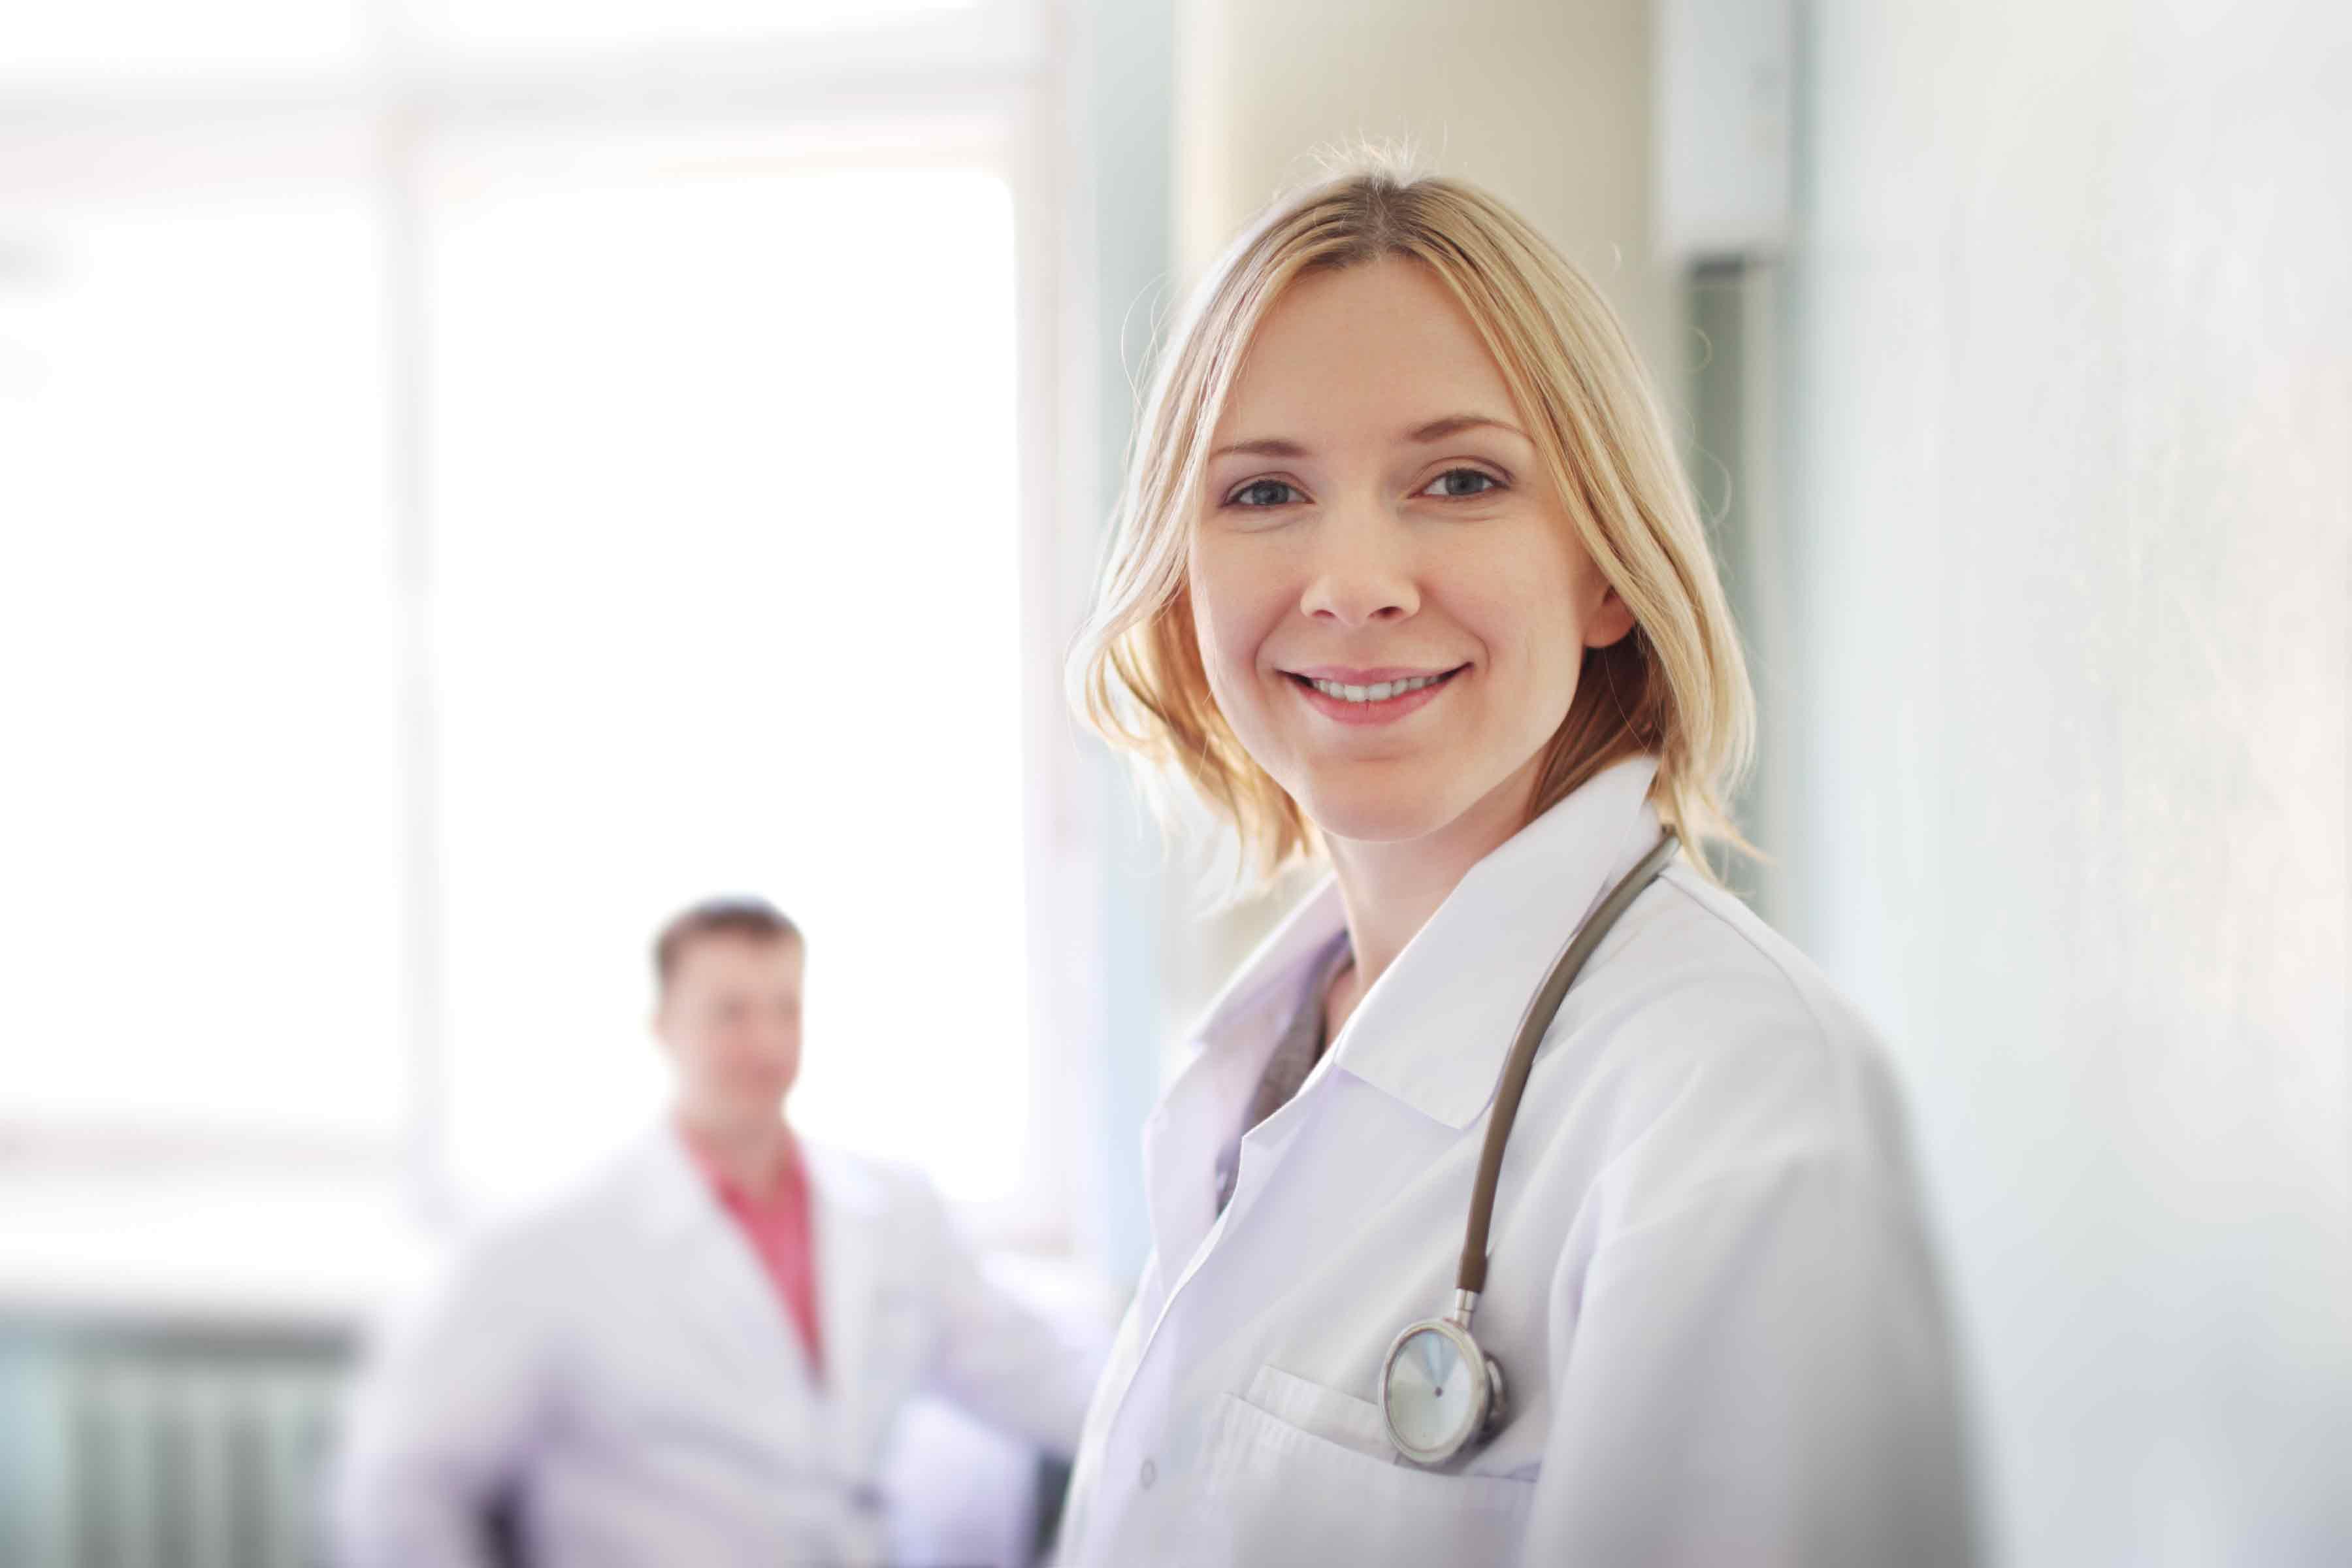 ONNI on luotettava terveydenhuollon palveluntarjoaja